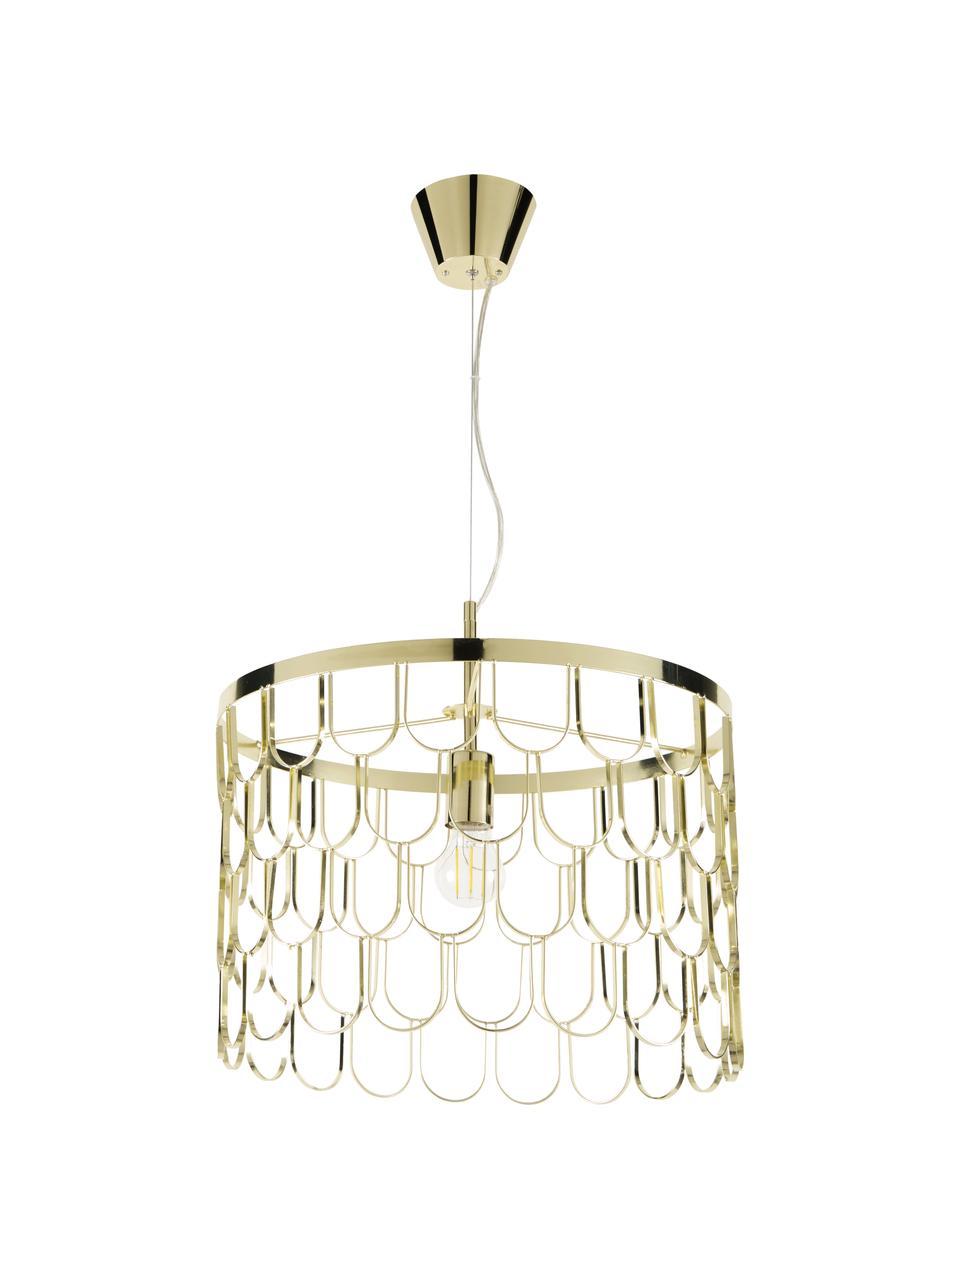 Pendelleuchte Gatsby, Lampenschirm: Metall, Baldachin: Metall, Messing, Ø 45 x H 32 cm